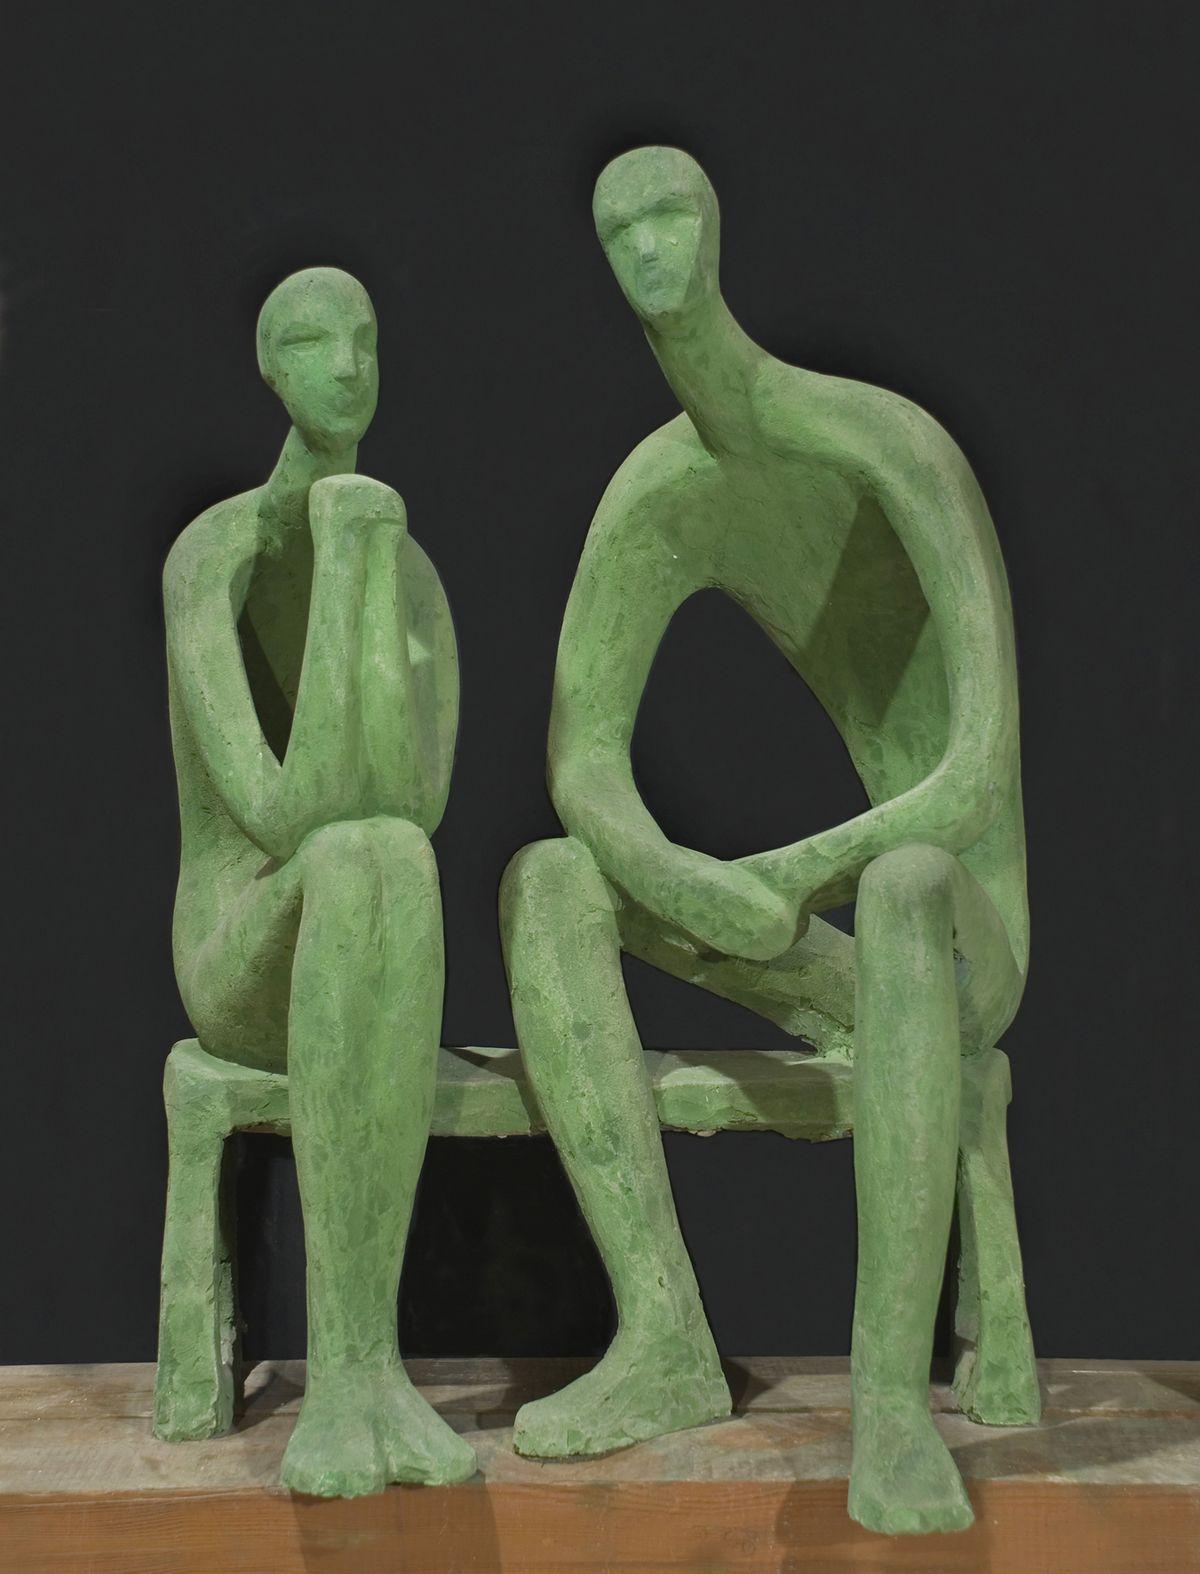 Теодозія Бриж. Двоє, 1967, бетон